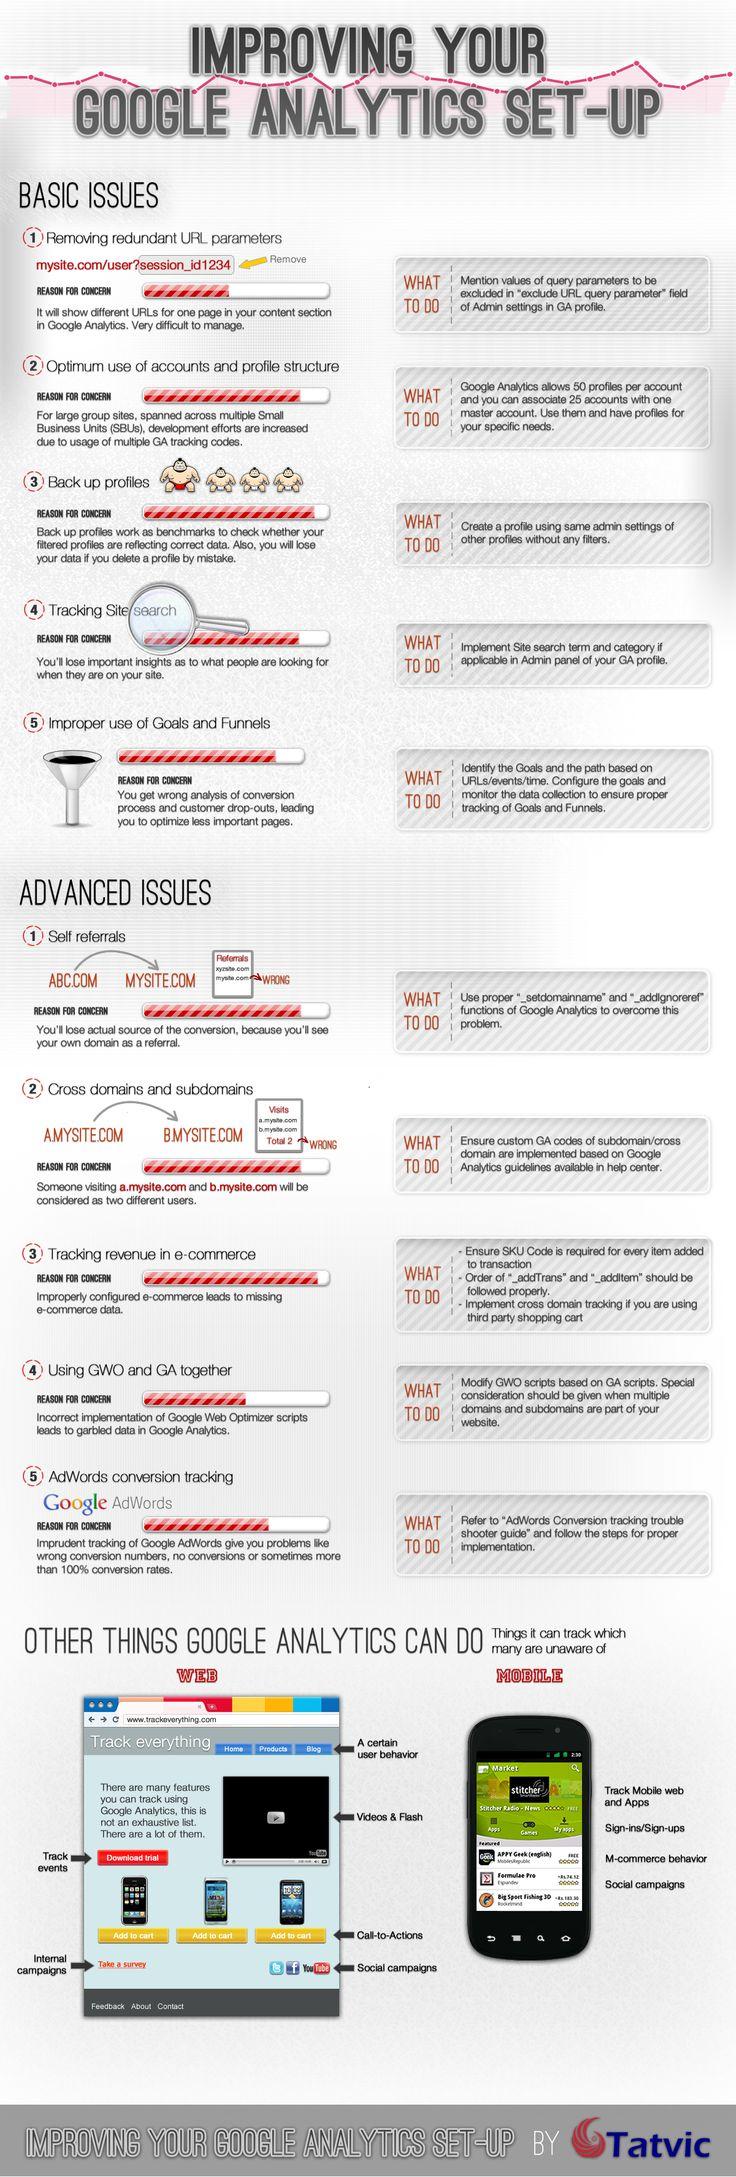 Improving You #Google #Analytics Set-Up #infographic